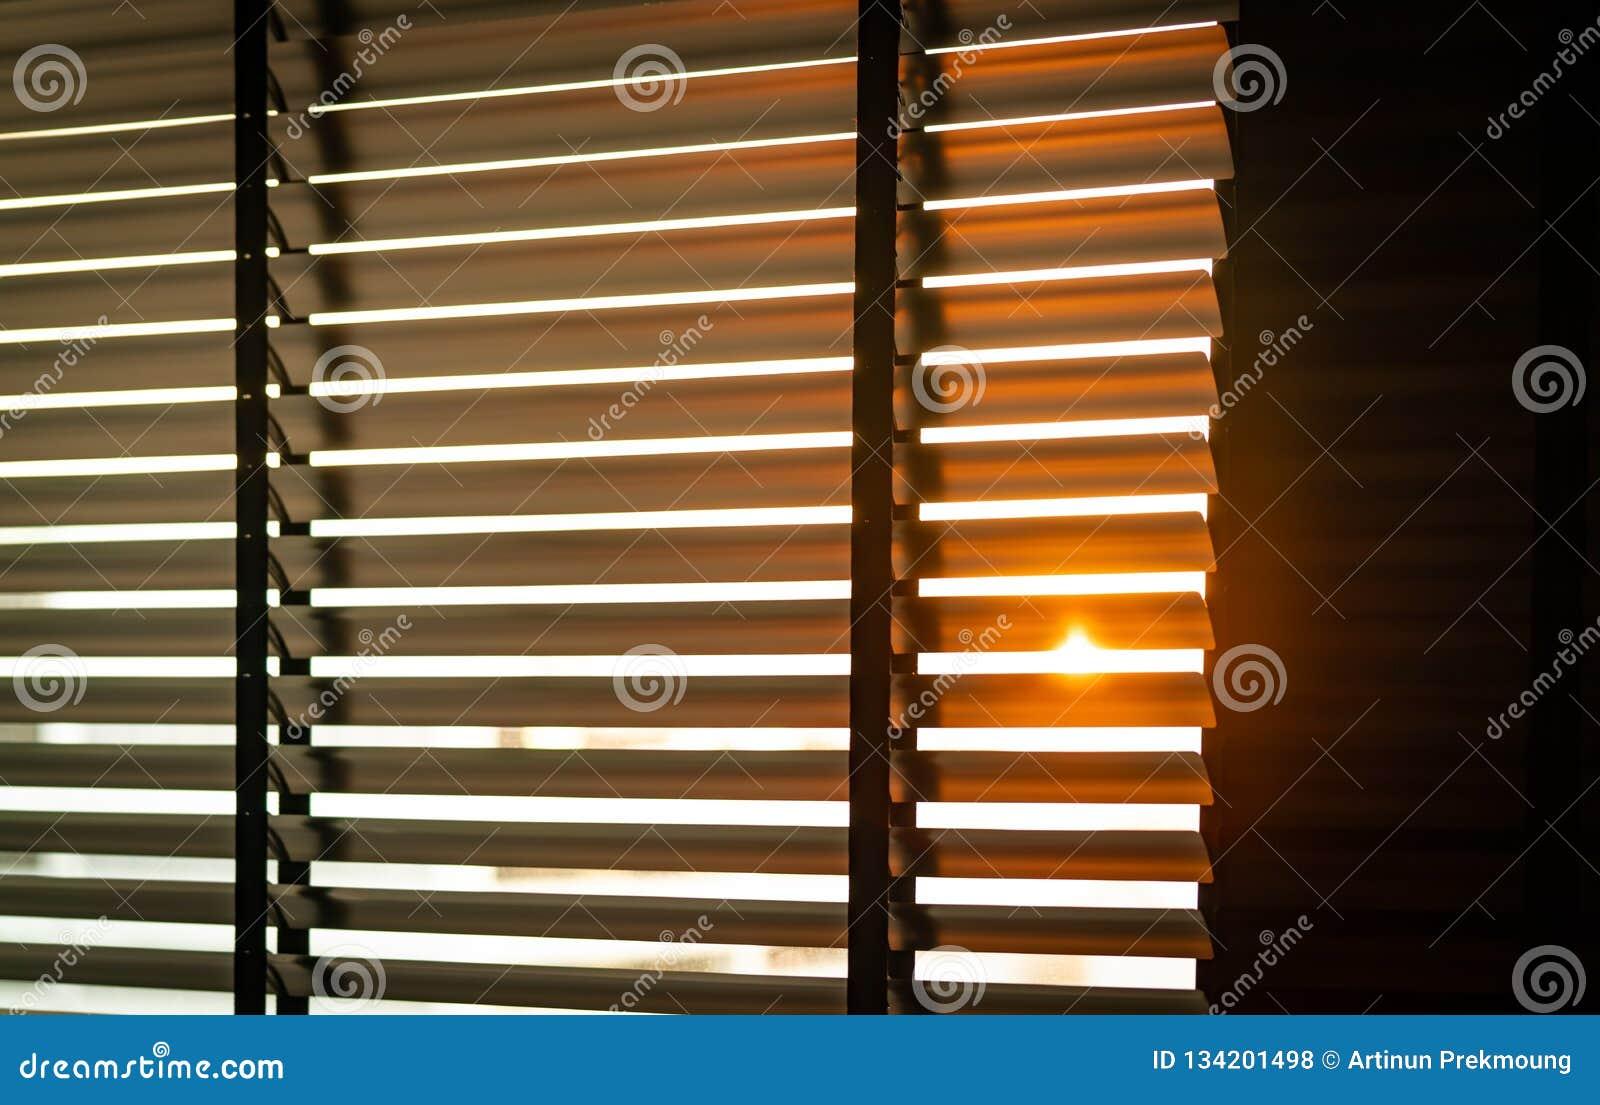 Cortinas plásticas venetian abertas com luz solar na manhã Janela plástica branca com cortinas Design de interiores da sala de vi